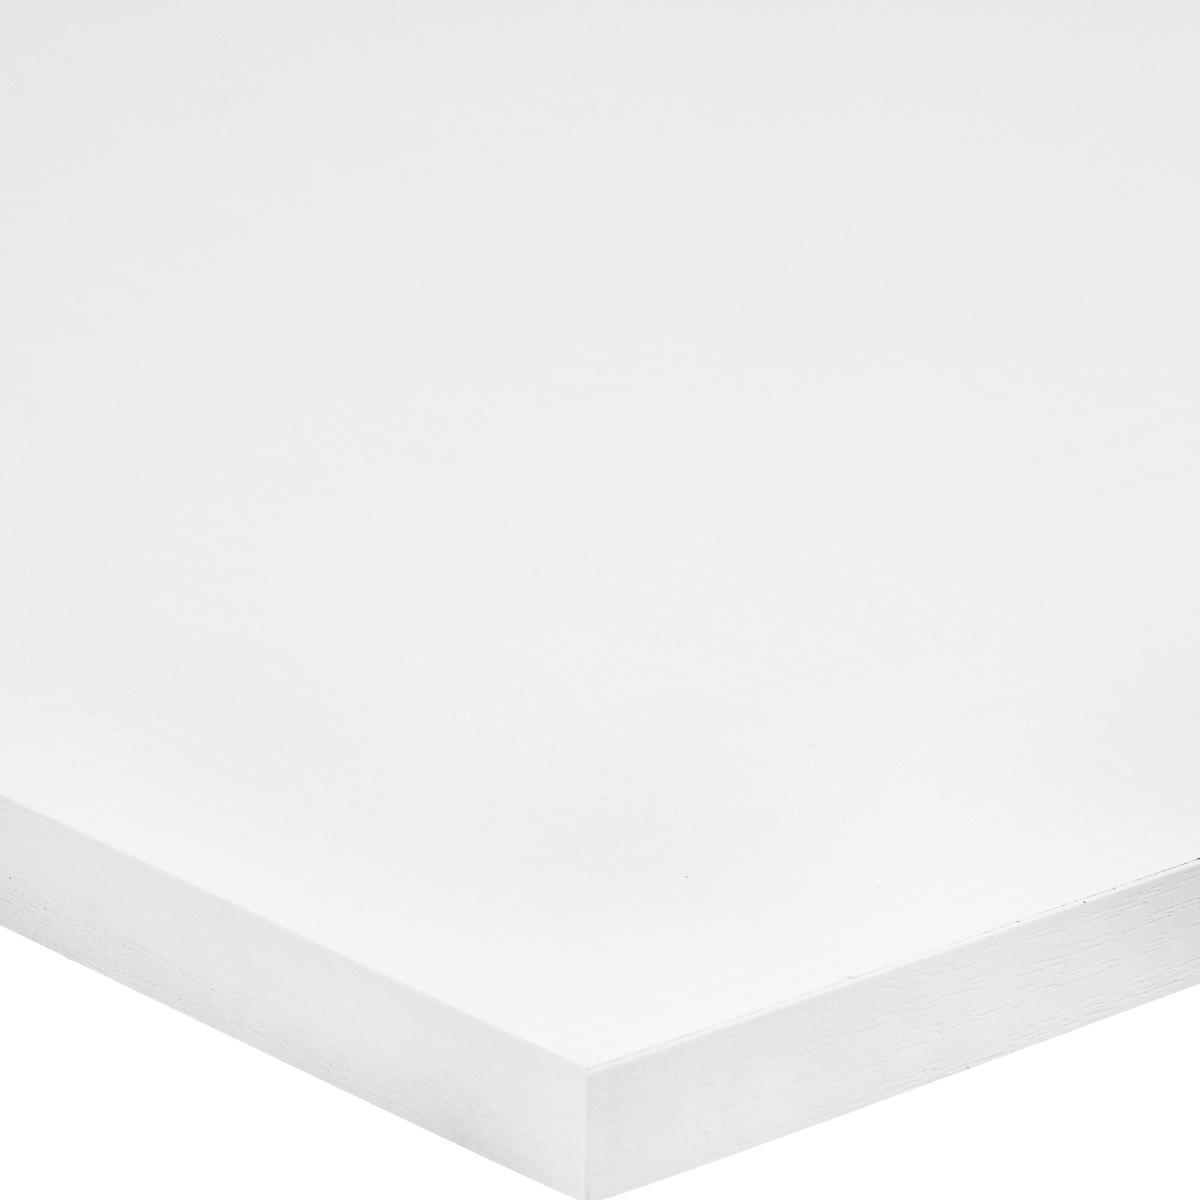 Деталь мебельная 1200x400x16 мм ЛДСП белый премиум кромка со всех сторон